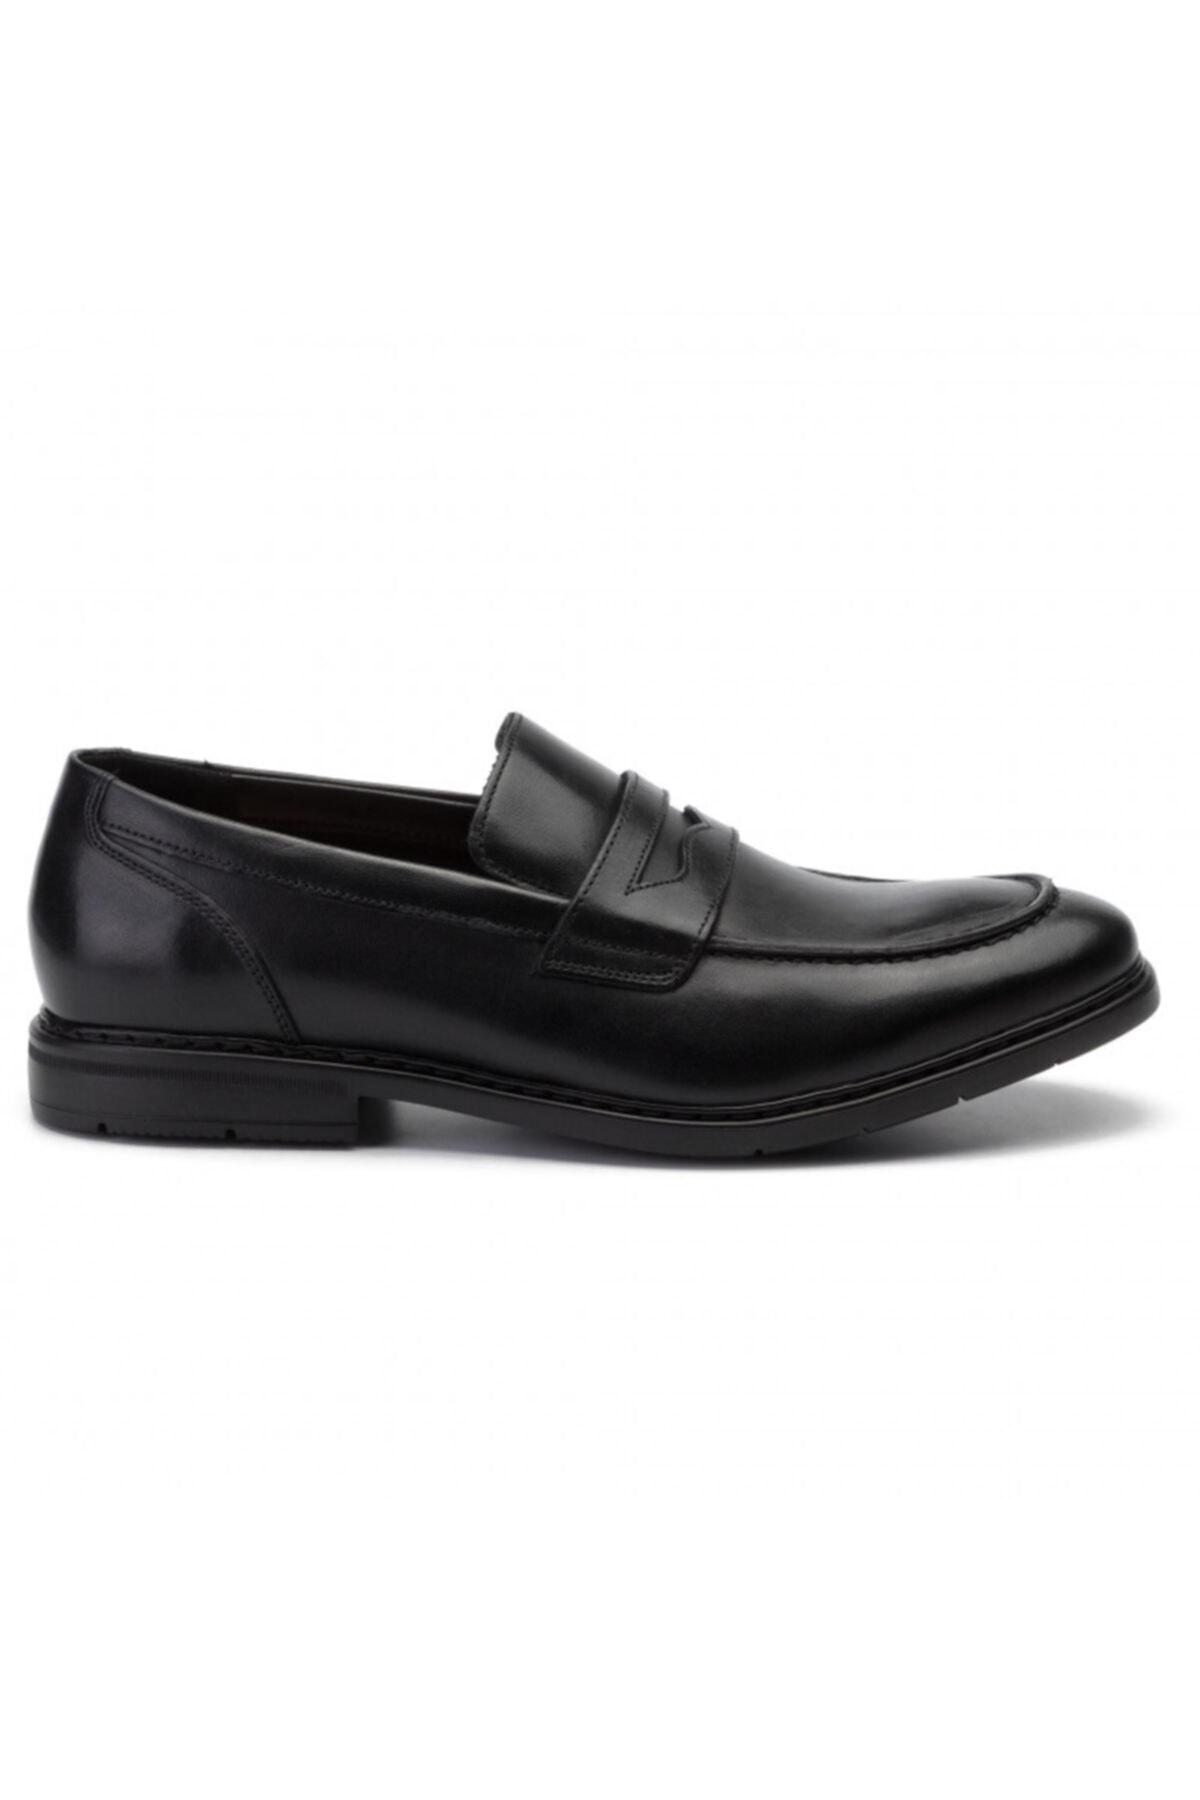 CLARKS Erkek Siyah Hakiki Deri Klasik Ayakkabı 2